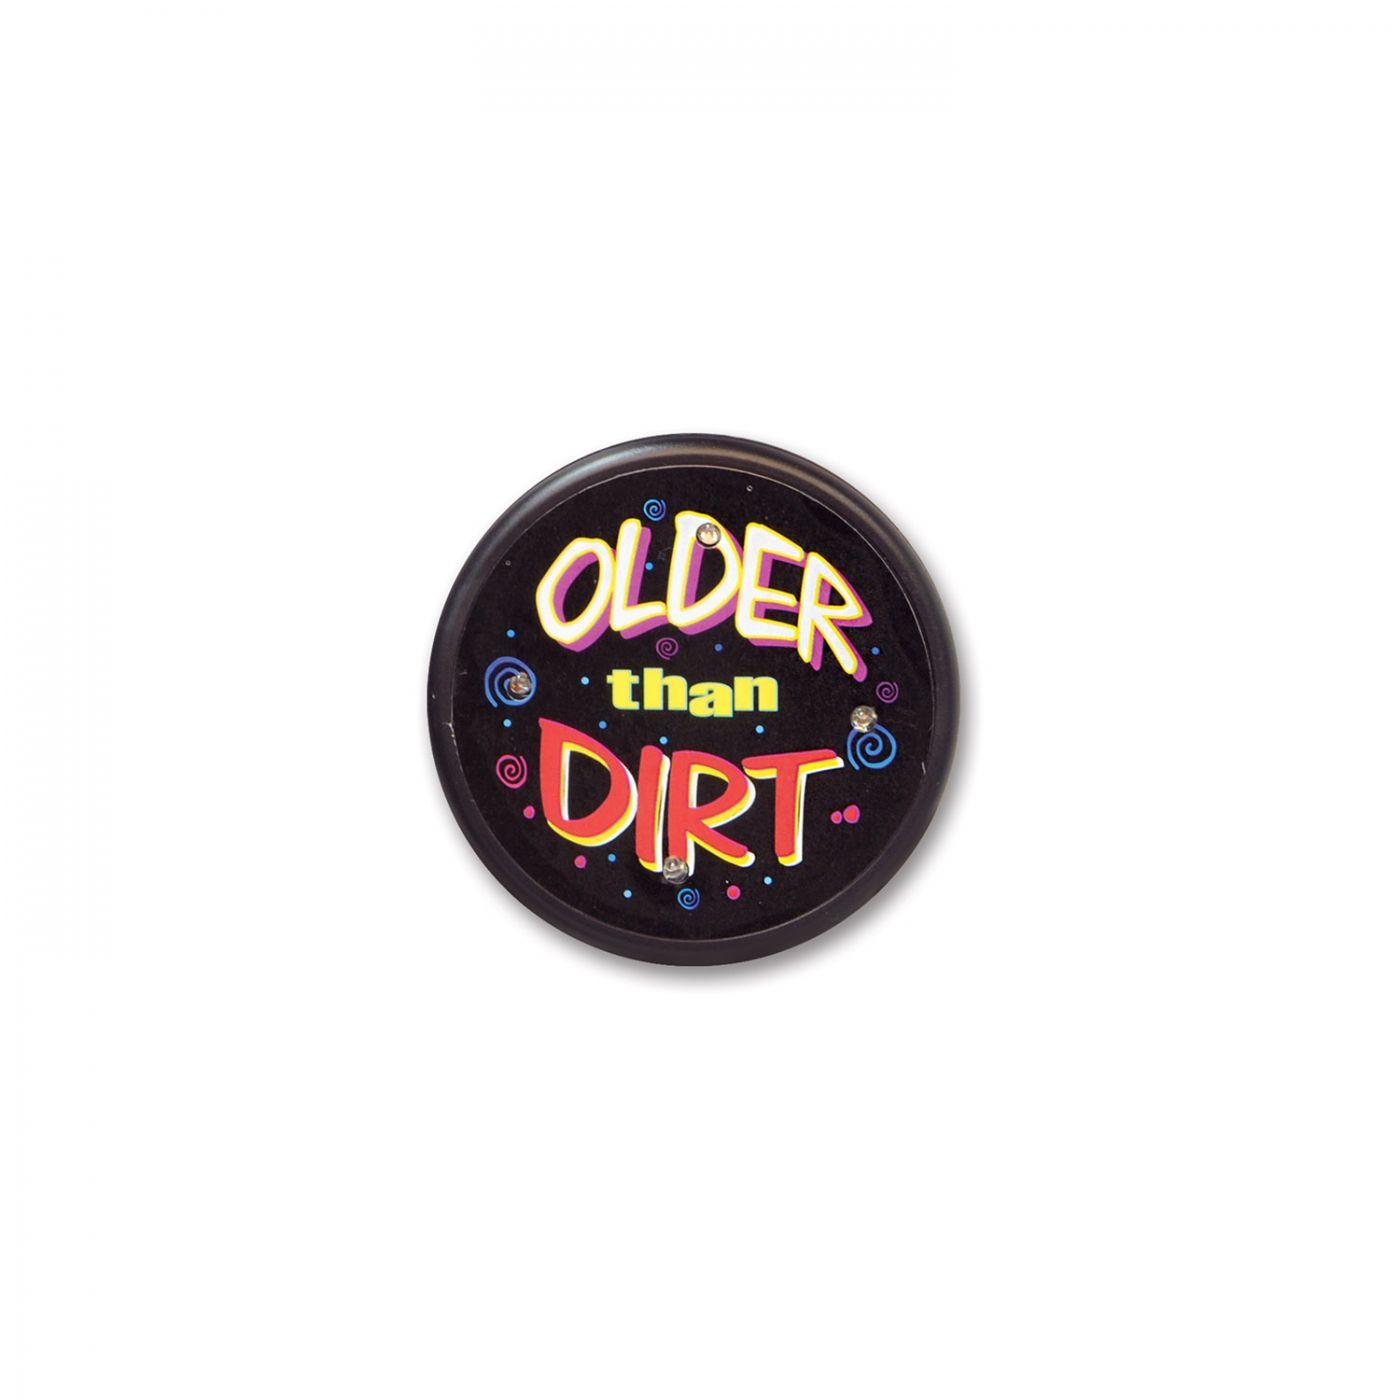 Older Than Dirt Flashing Button (6) image